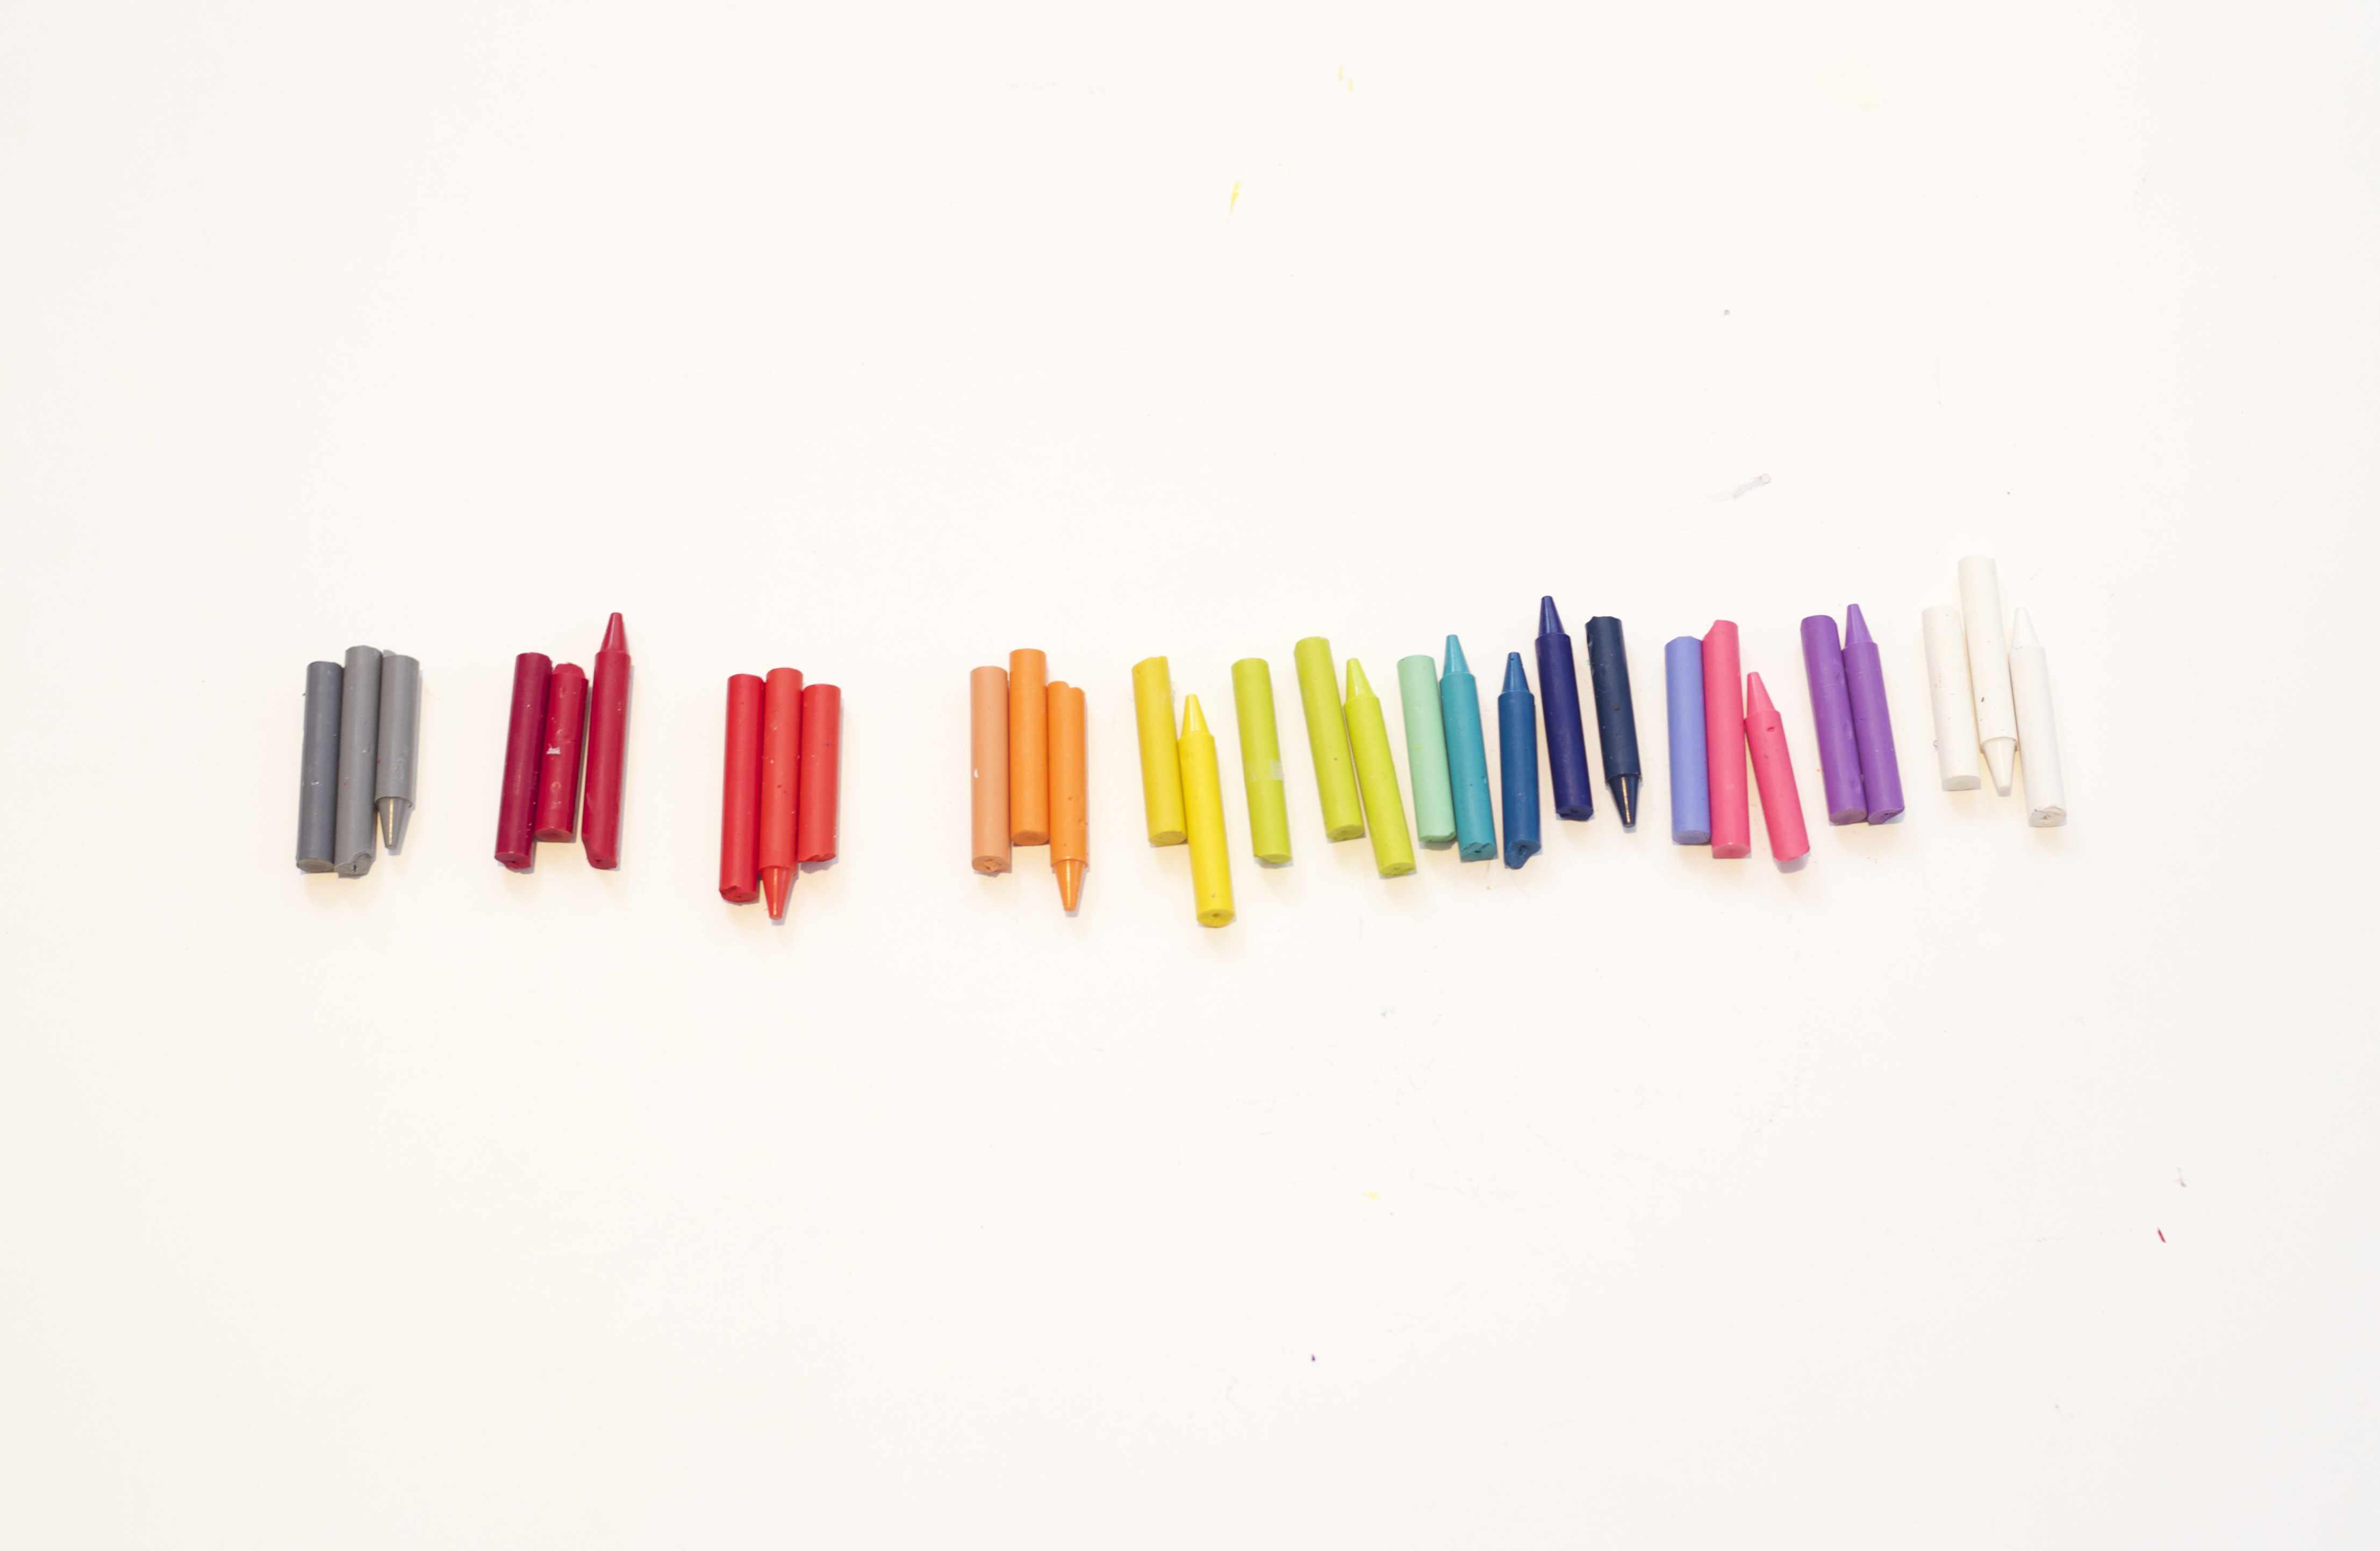 How to repurpose broken crayons